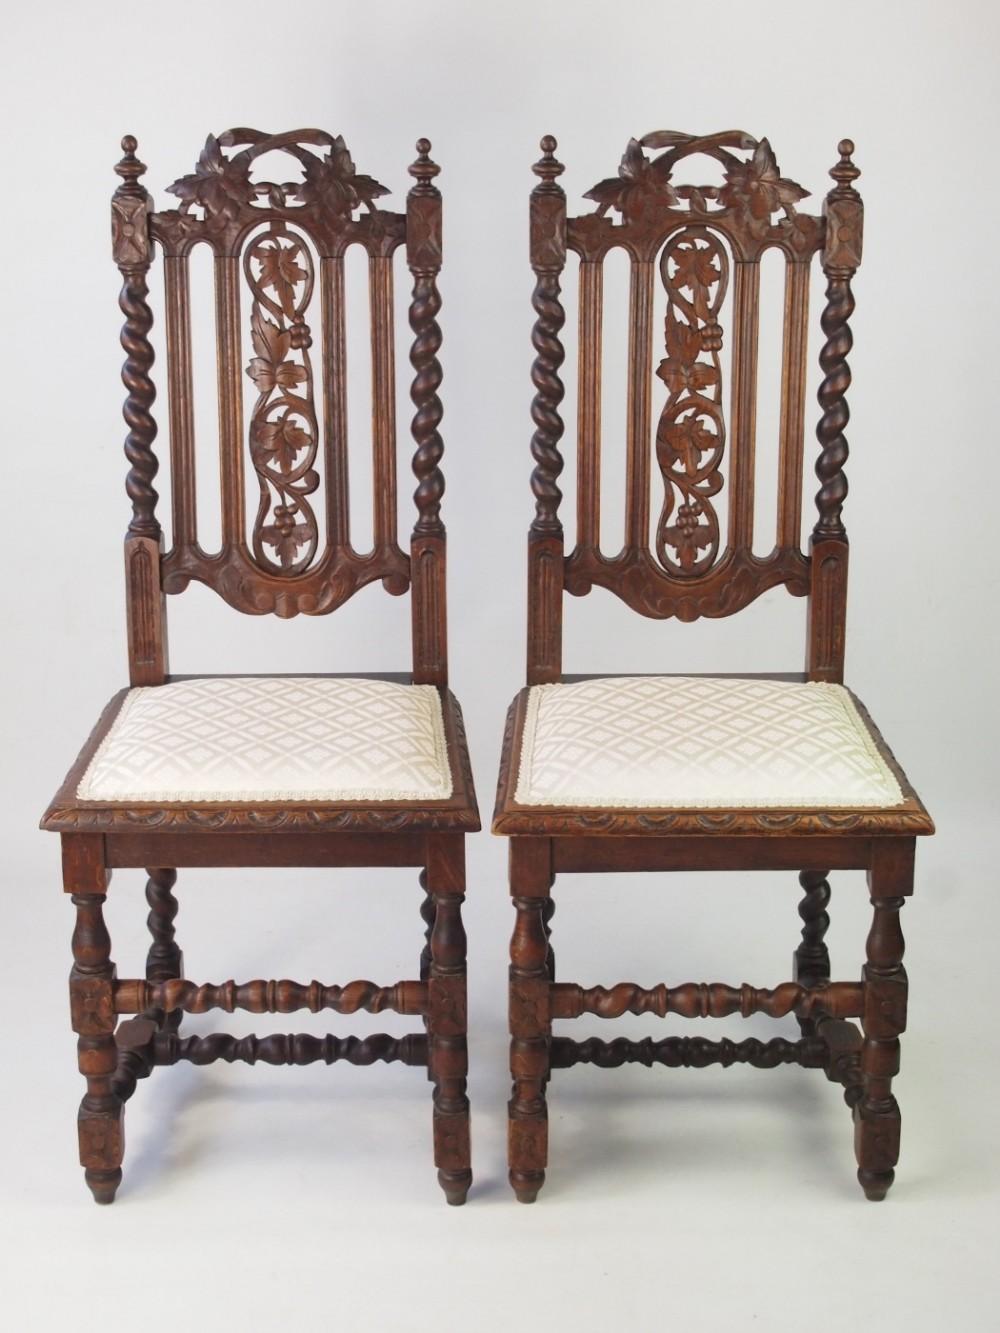 pair antique victorian gothic revival oak chairs - Pair Antique Victorian Gothic Revival Oak Chairs 385829